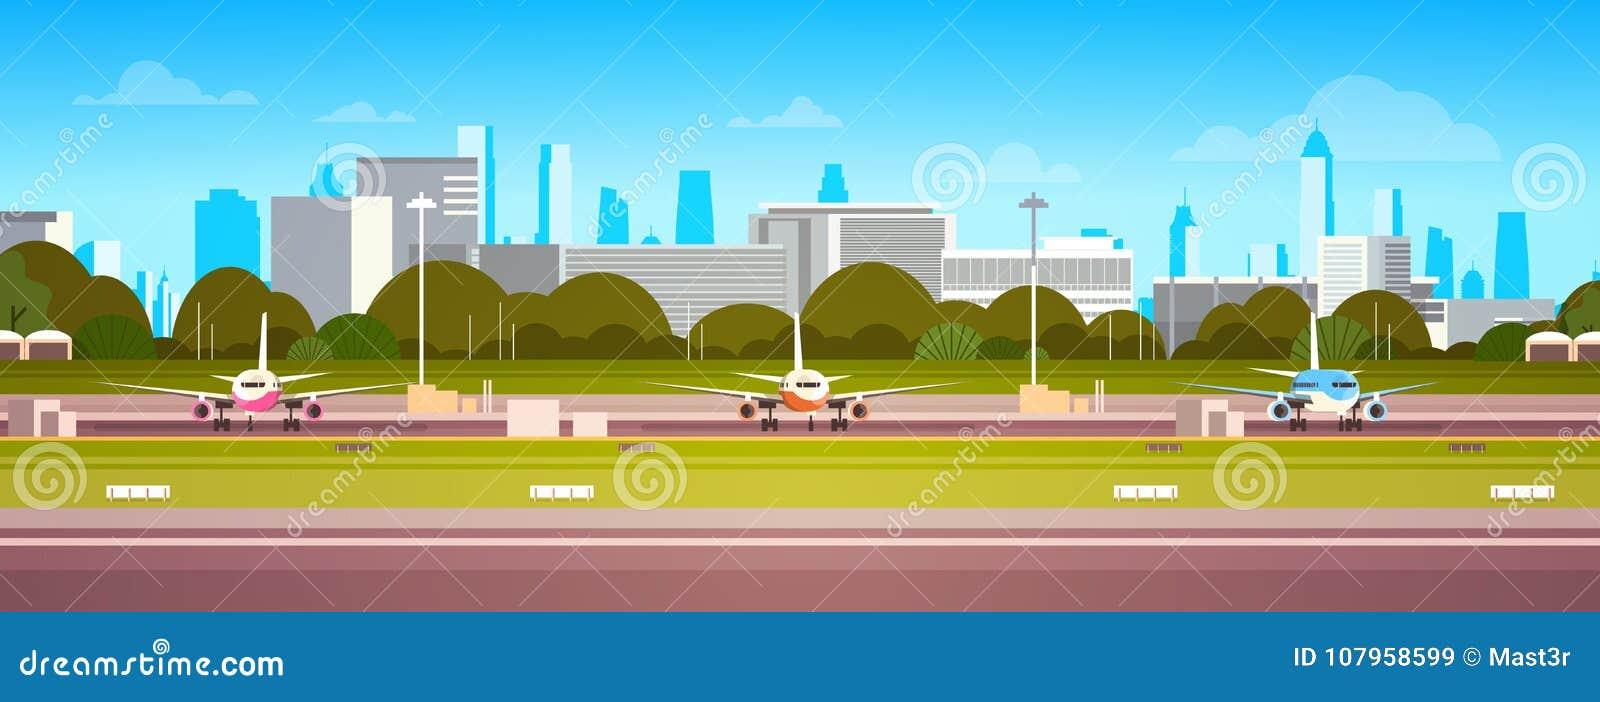 在机场大厦的飞机,有飞机的现代终端在等待的跑道离开现代城市背景